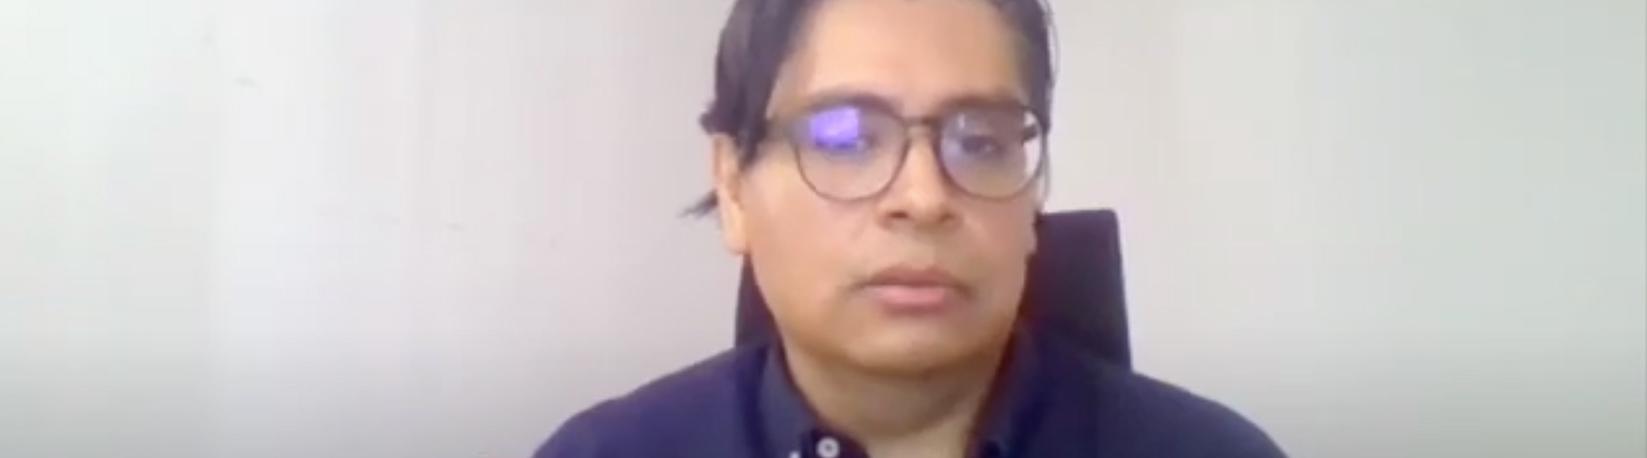 Para reconstruir la felicidad en México, indispensable invertir en salud: Dr. Óscar Martínez